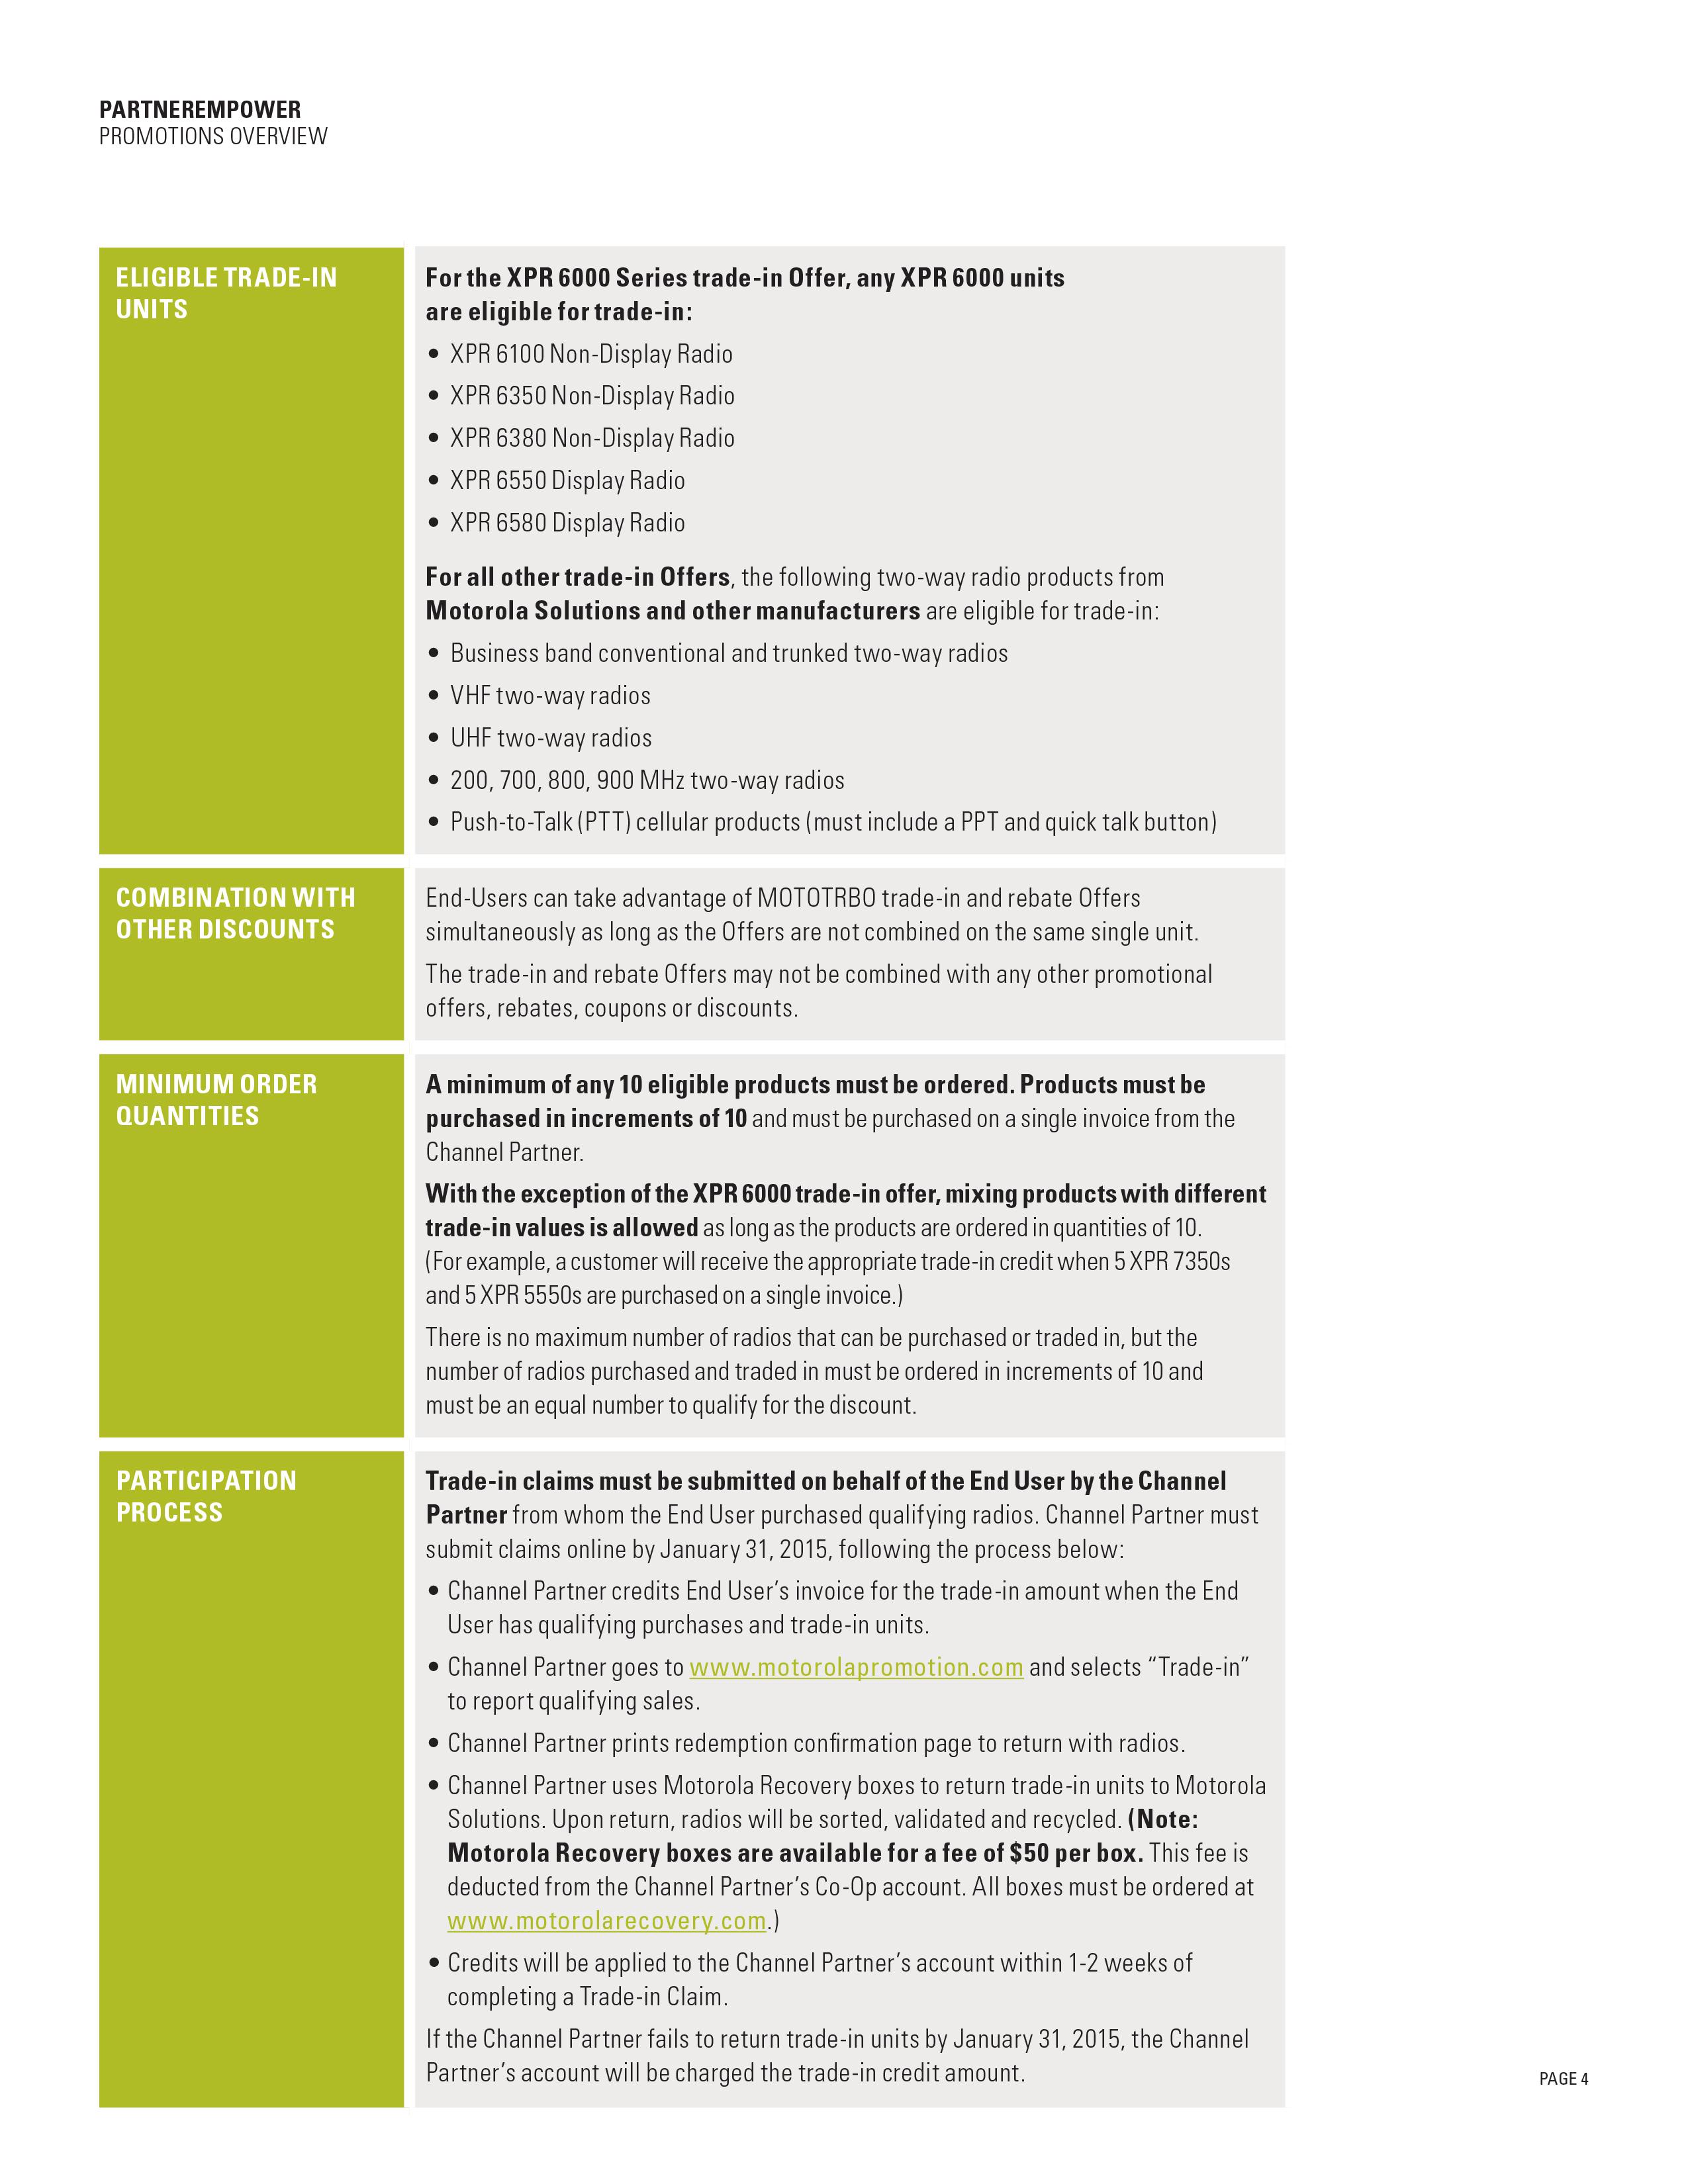 Page 4 - Rebates.jpg